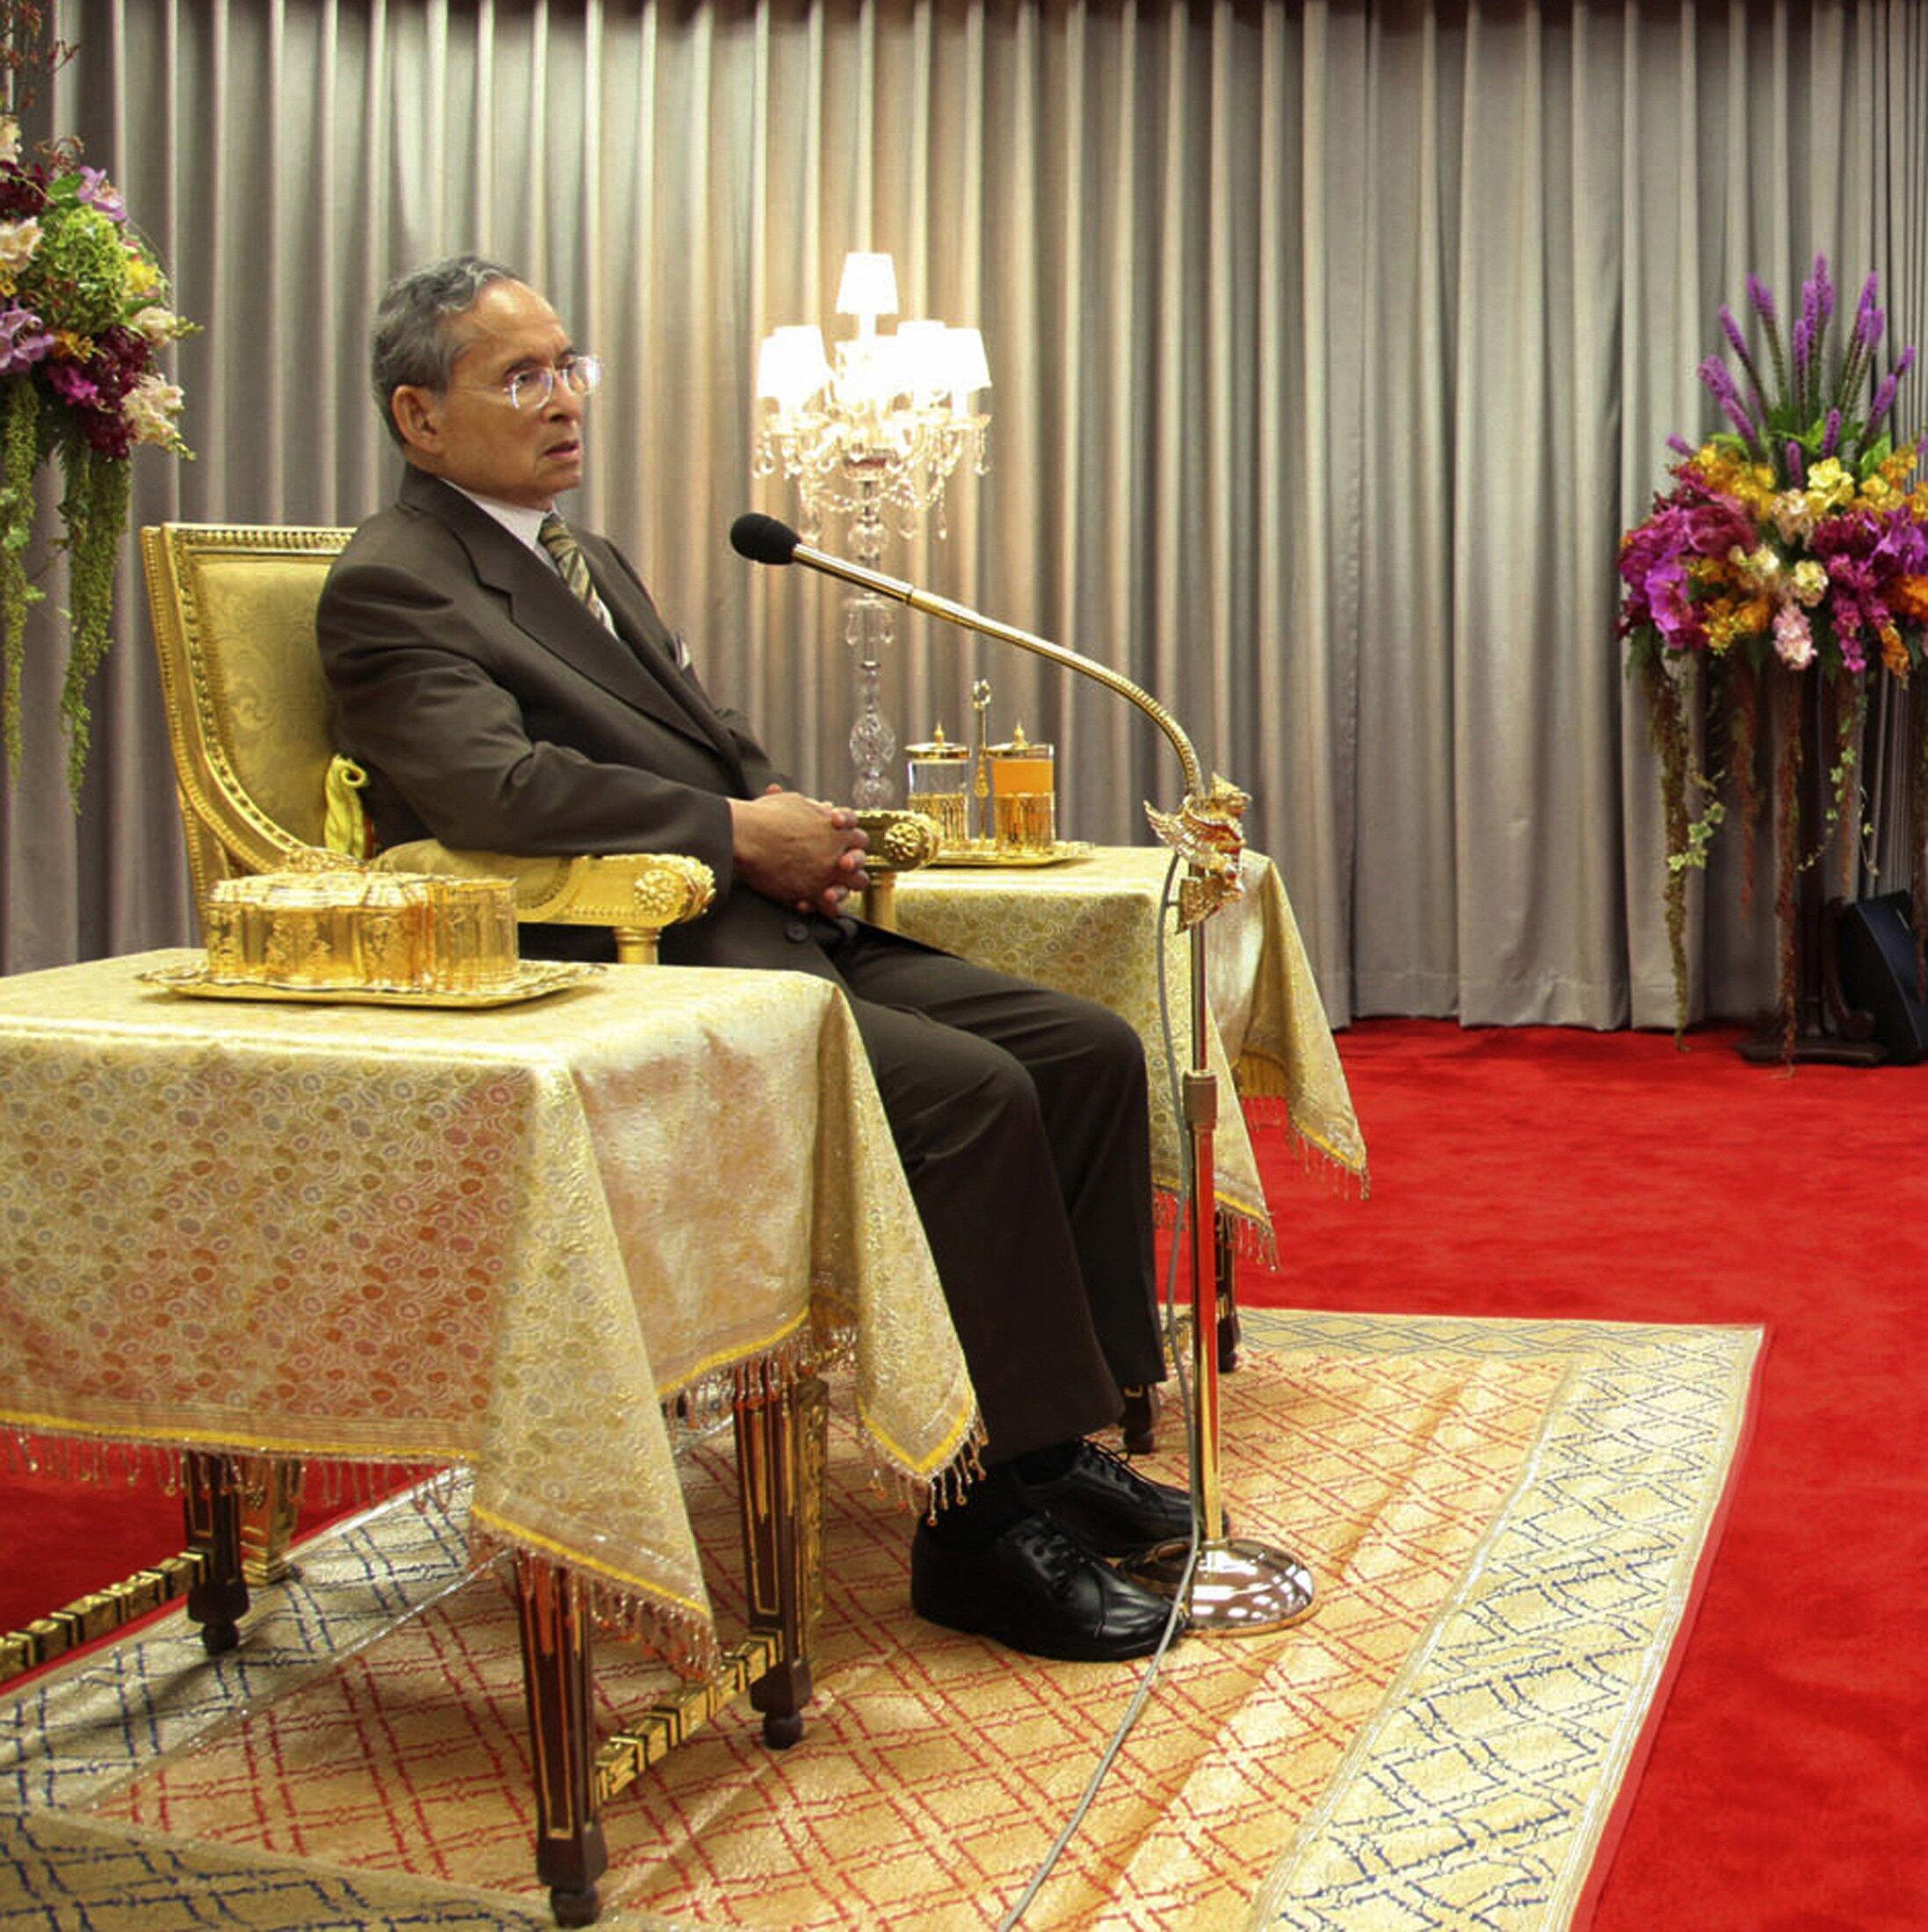 ព្រះមហាក្សត្រថៃ Bhumibol Adulyadej